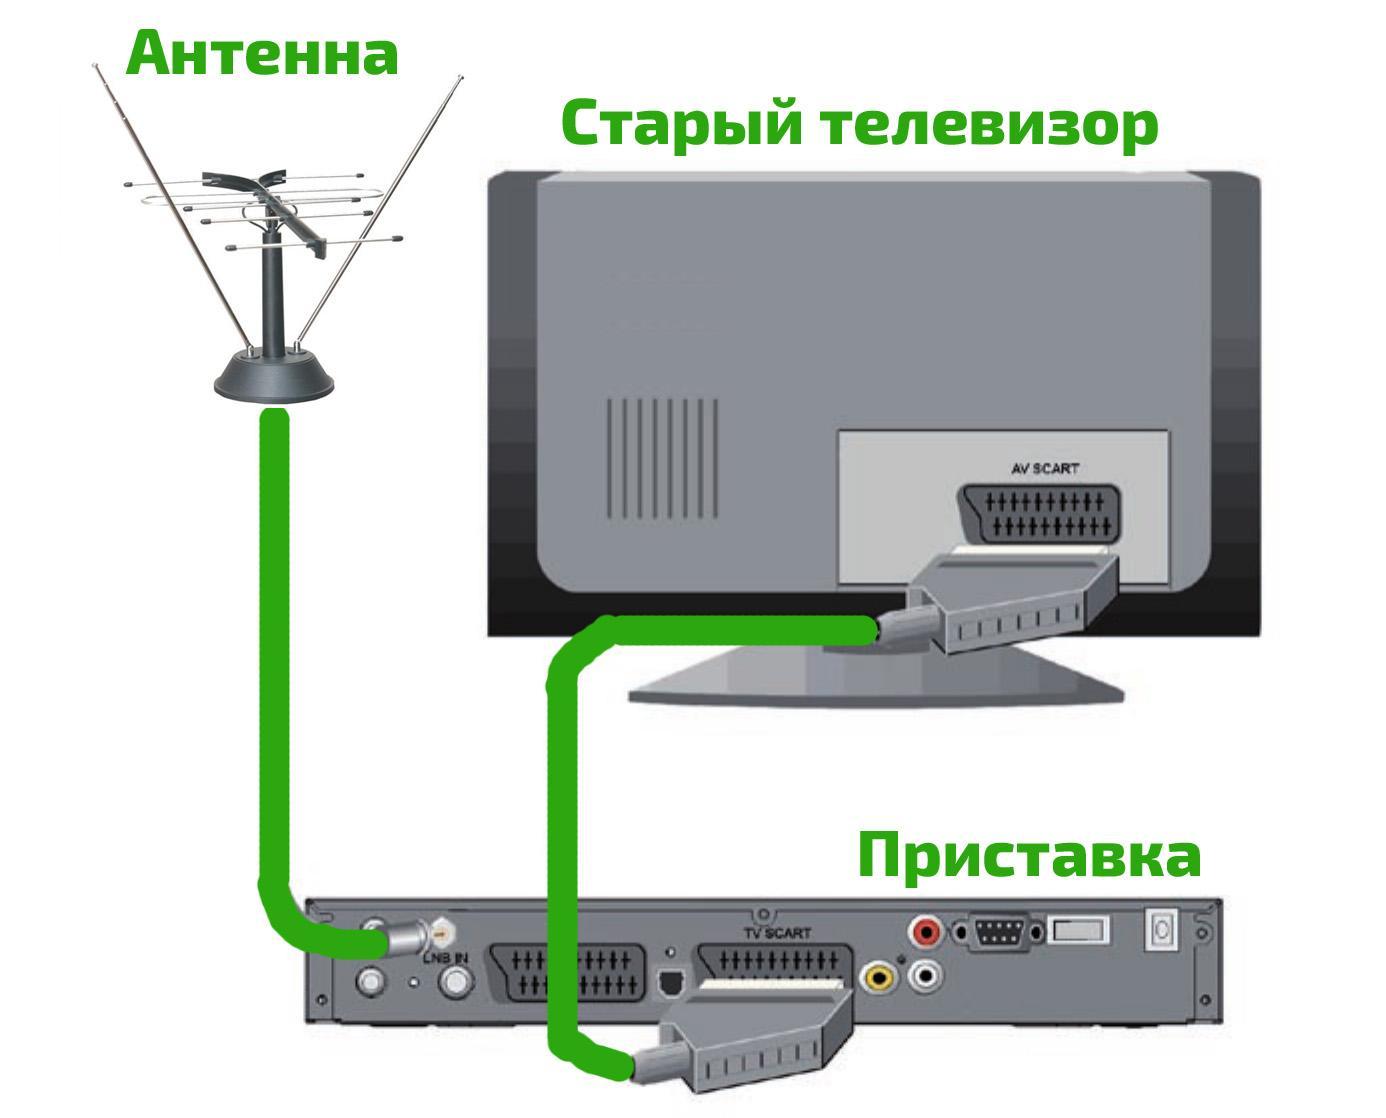 материалы понадобятся как подключить ресивер к телевизору фото действовал умнее, острее